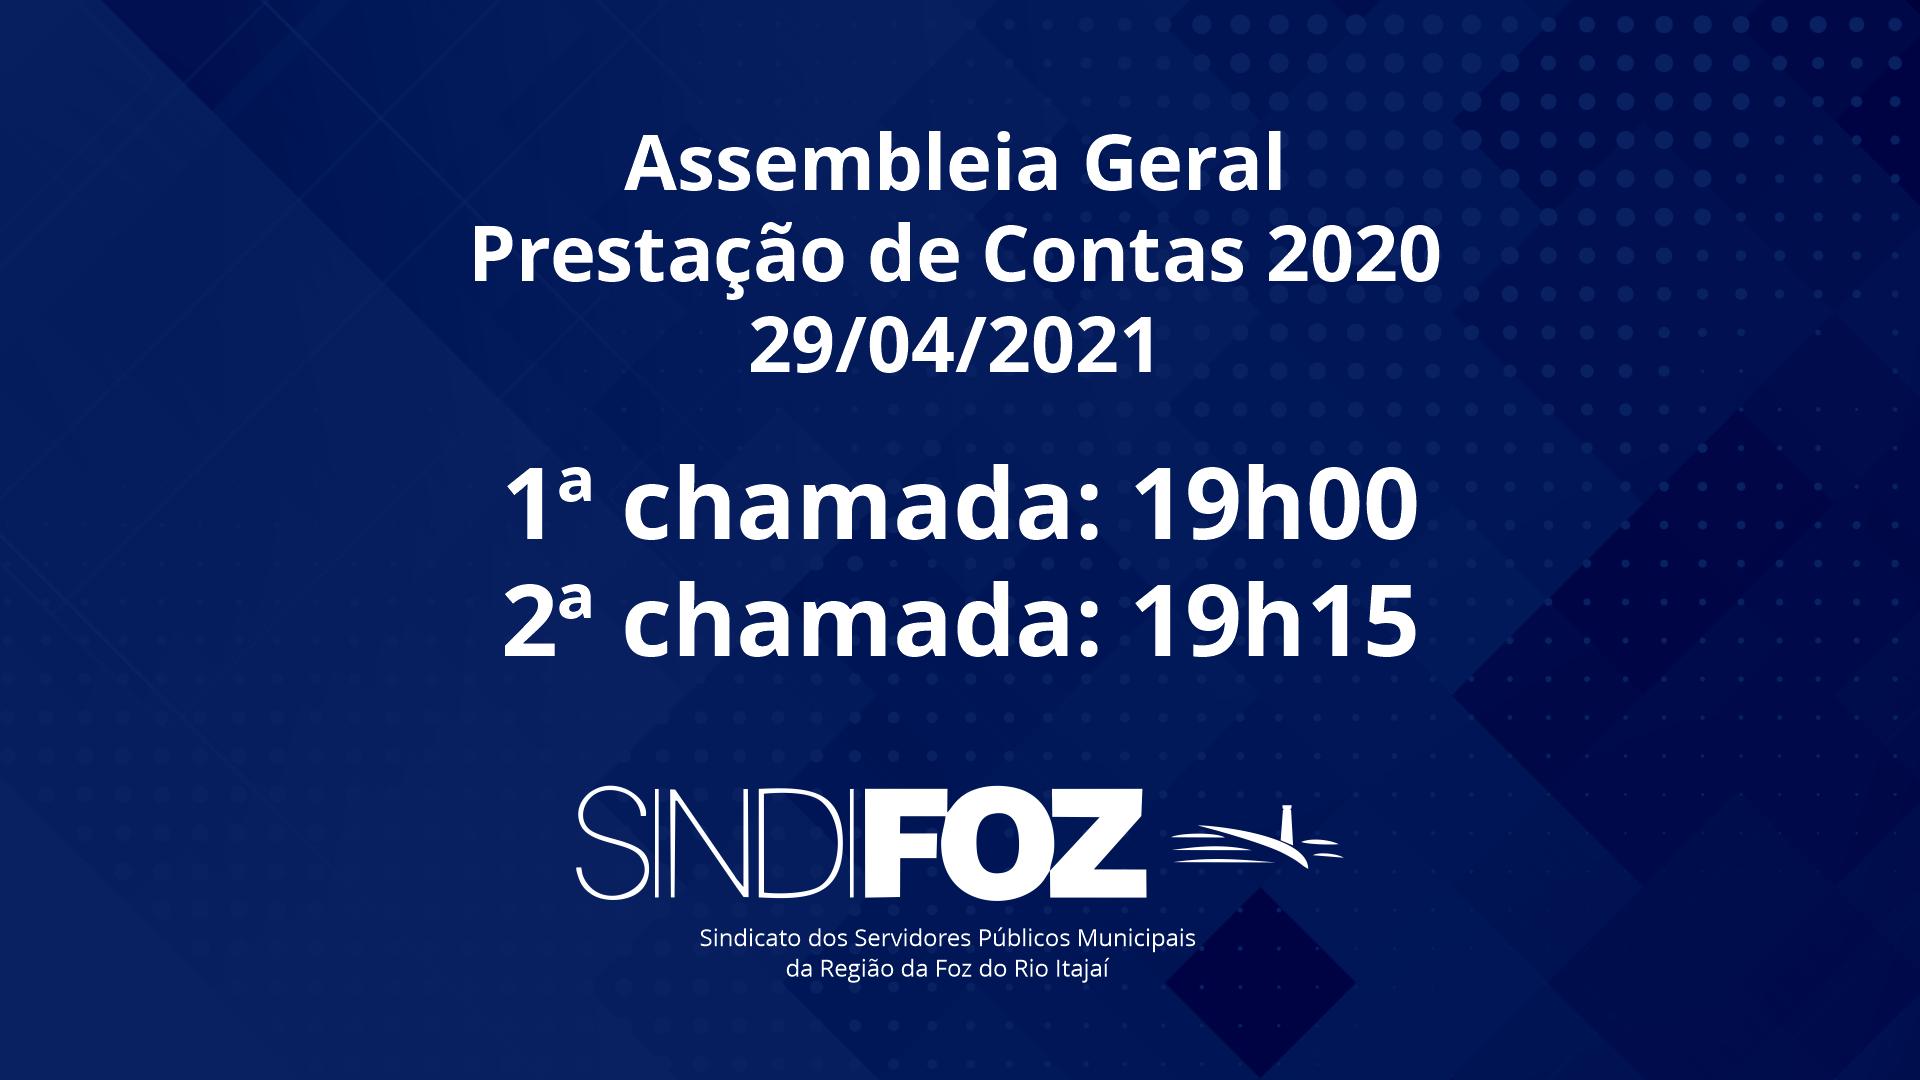 Assembleia Geral de Prestação de Contas 2020